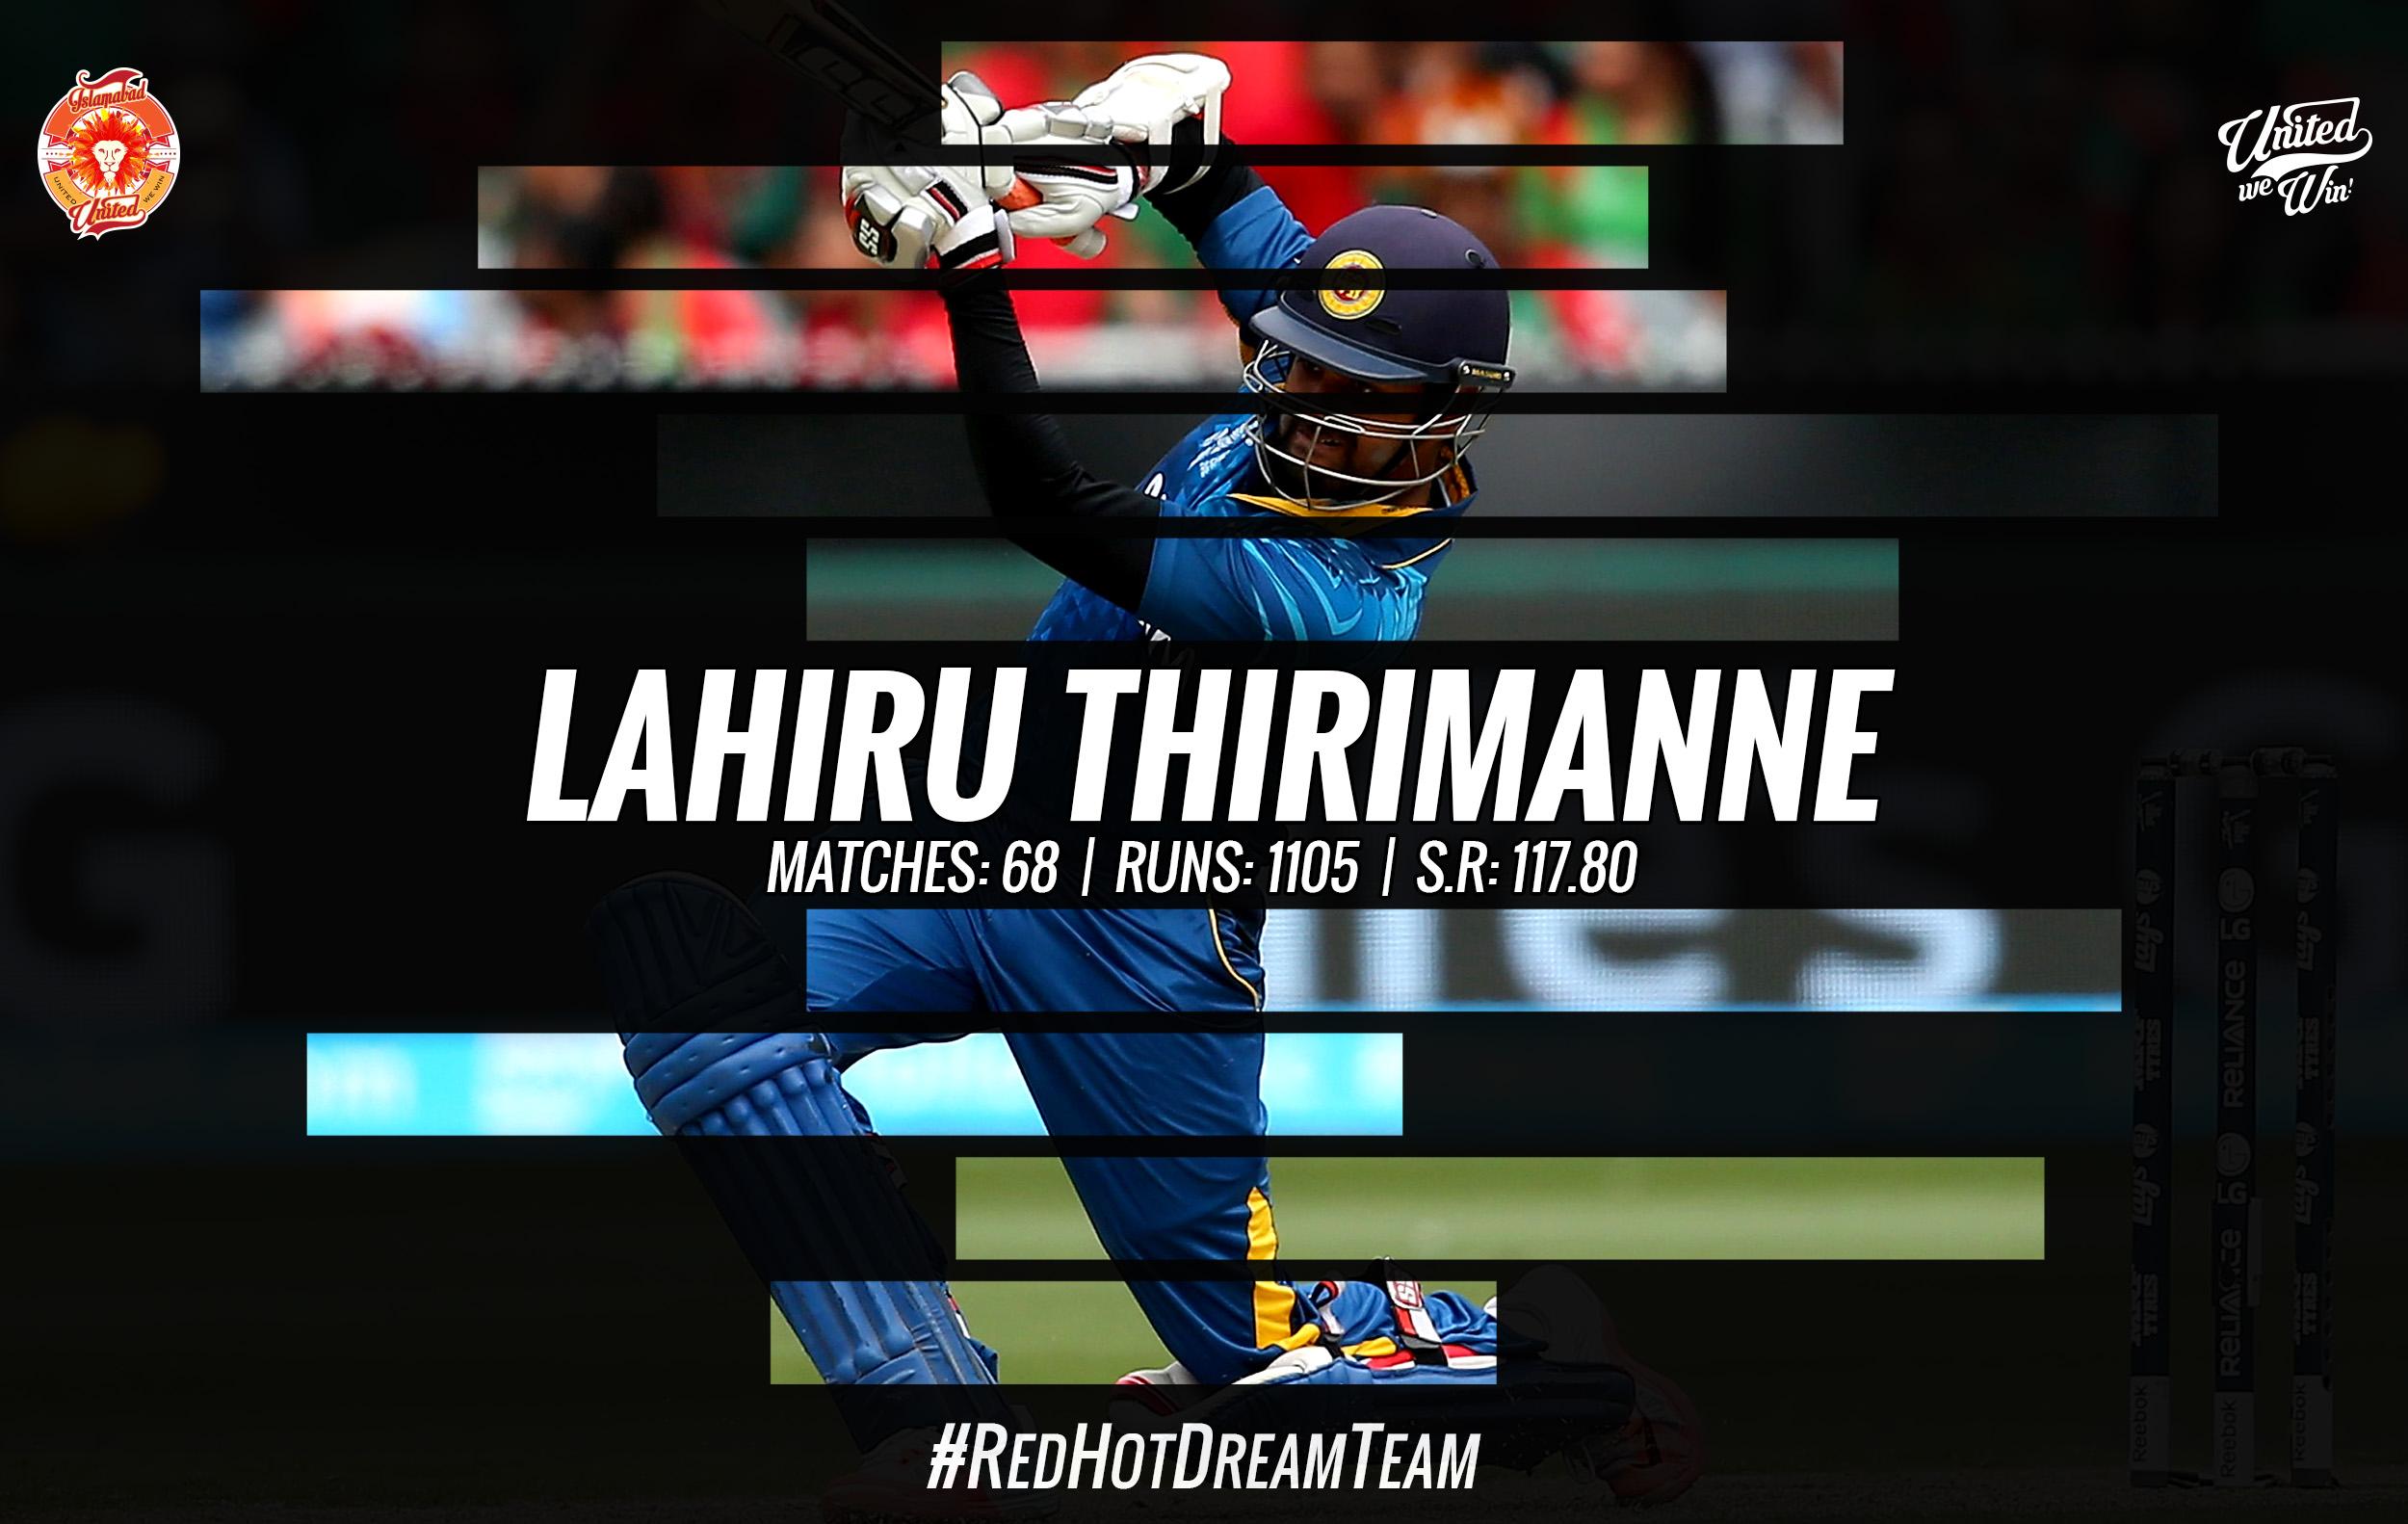 Lahiru Thrimanna